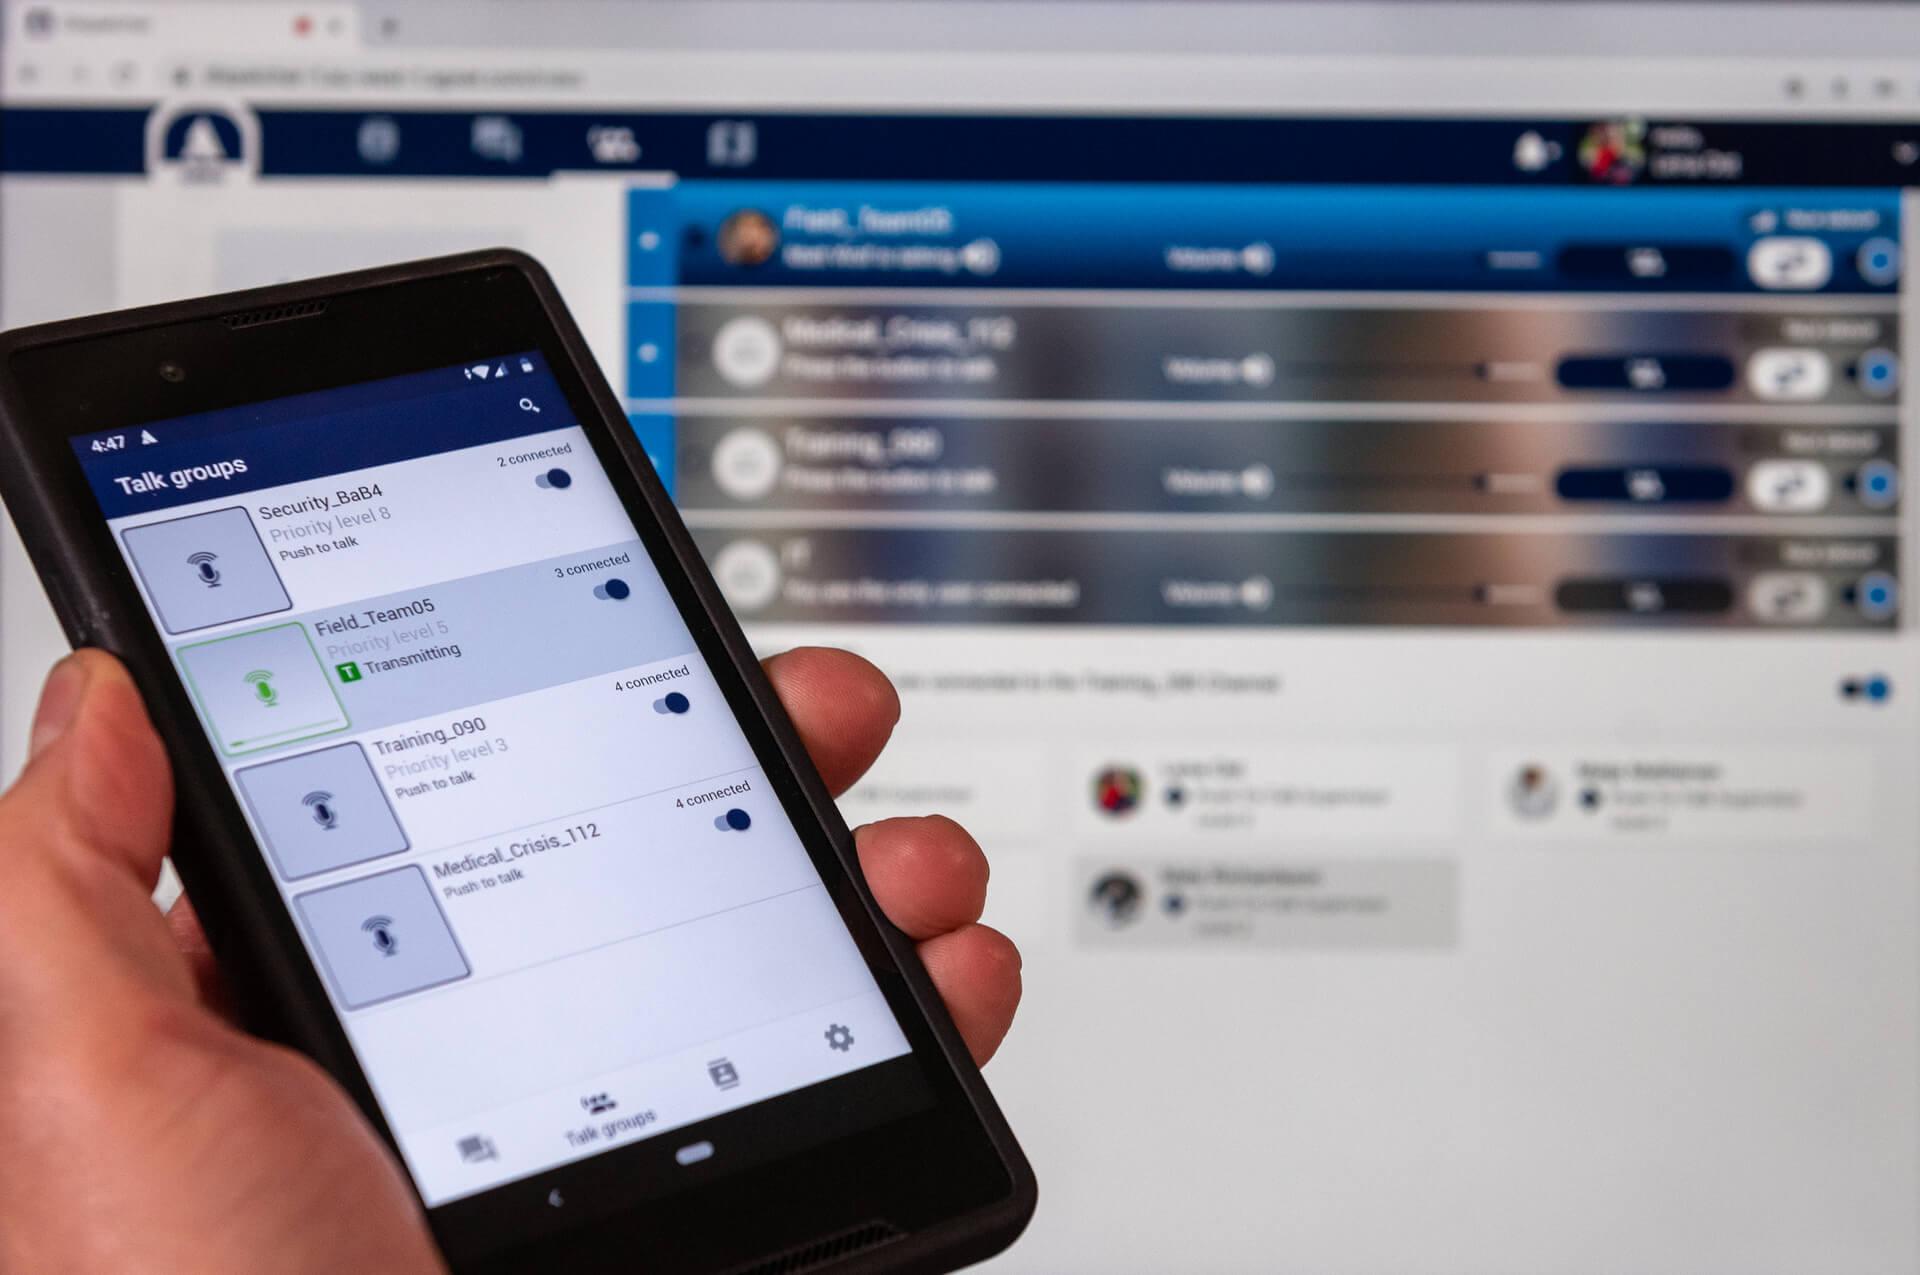 إيرباص تستعرض حل تاكتيلون آغنت 500 المبتكر لمشغّلي شبكة الهواتف المتنقلة خلال أسبوع الاتصالات في الأزمات والطوارئ